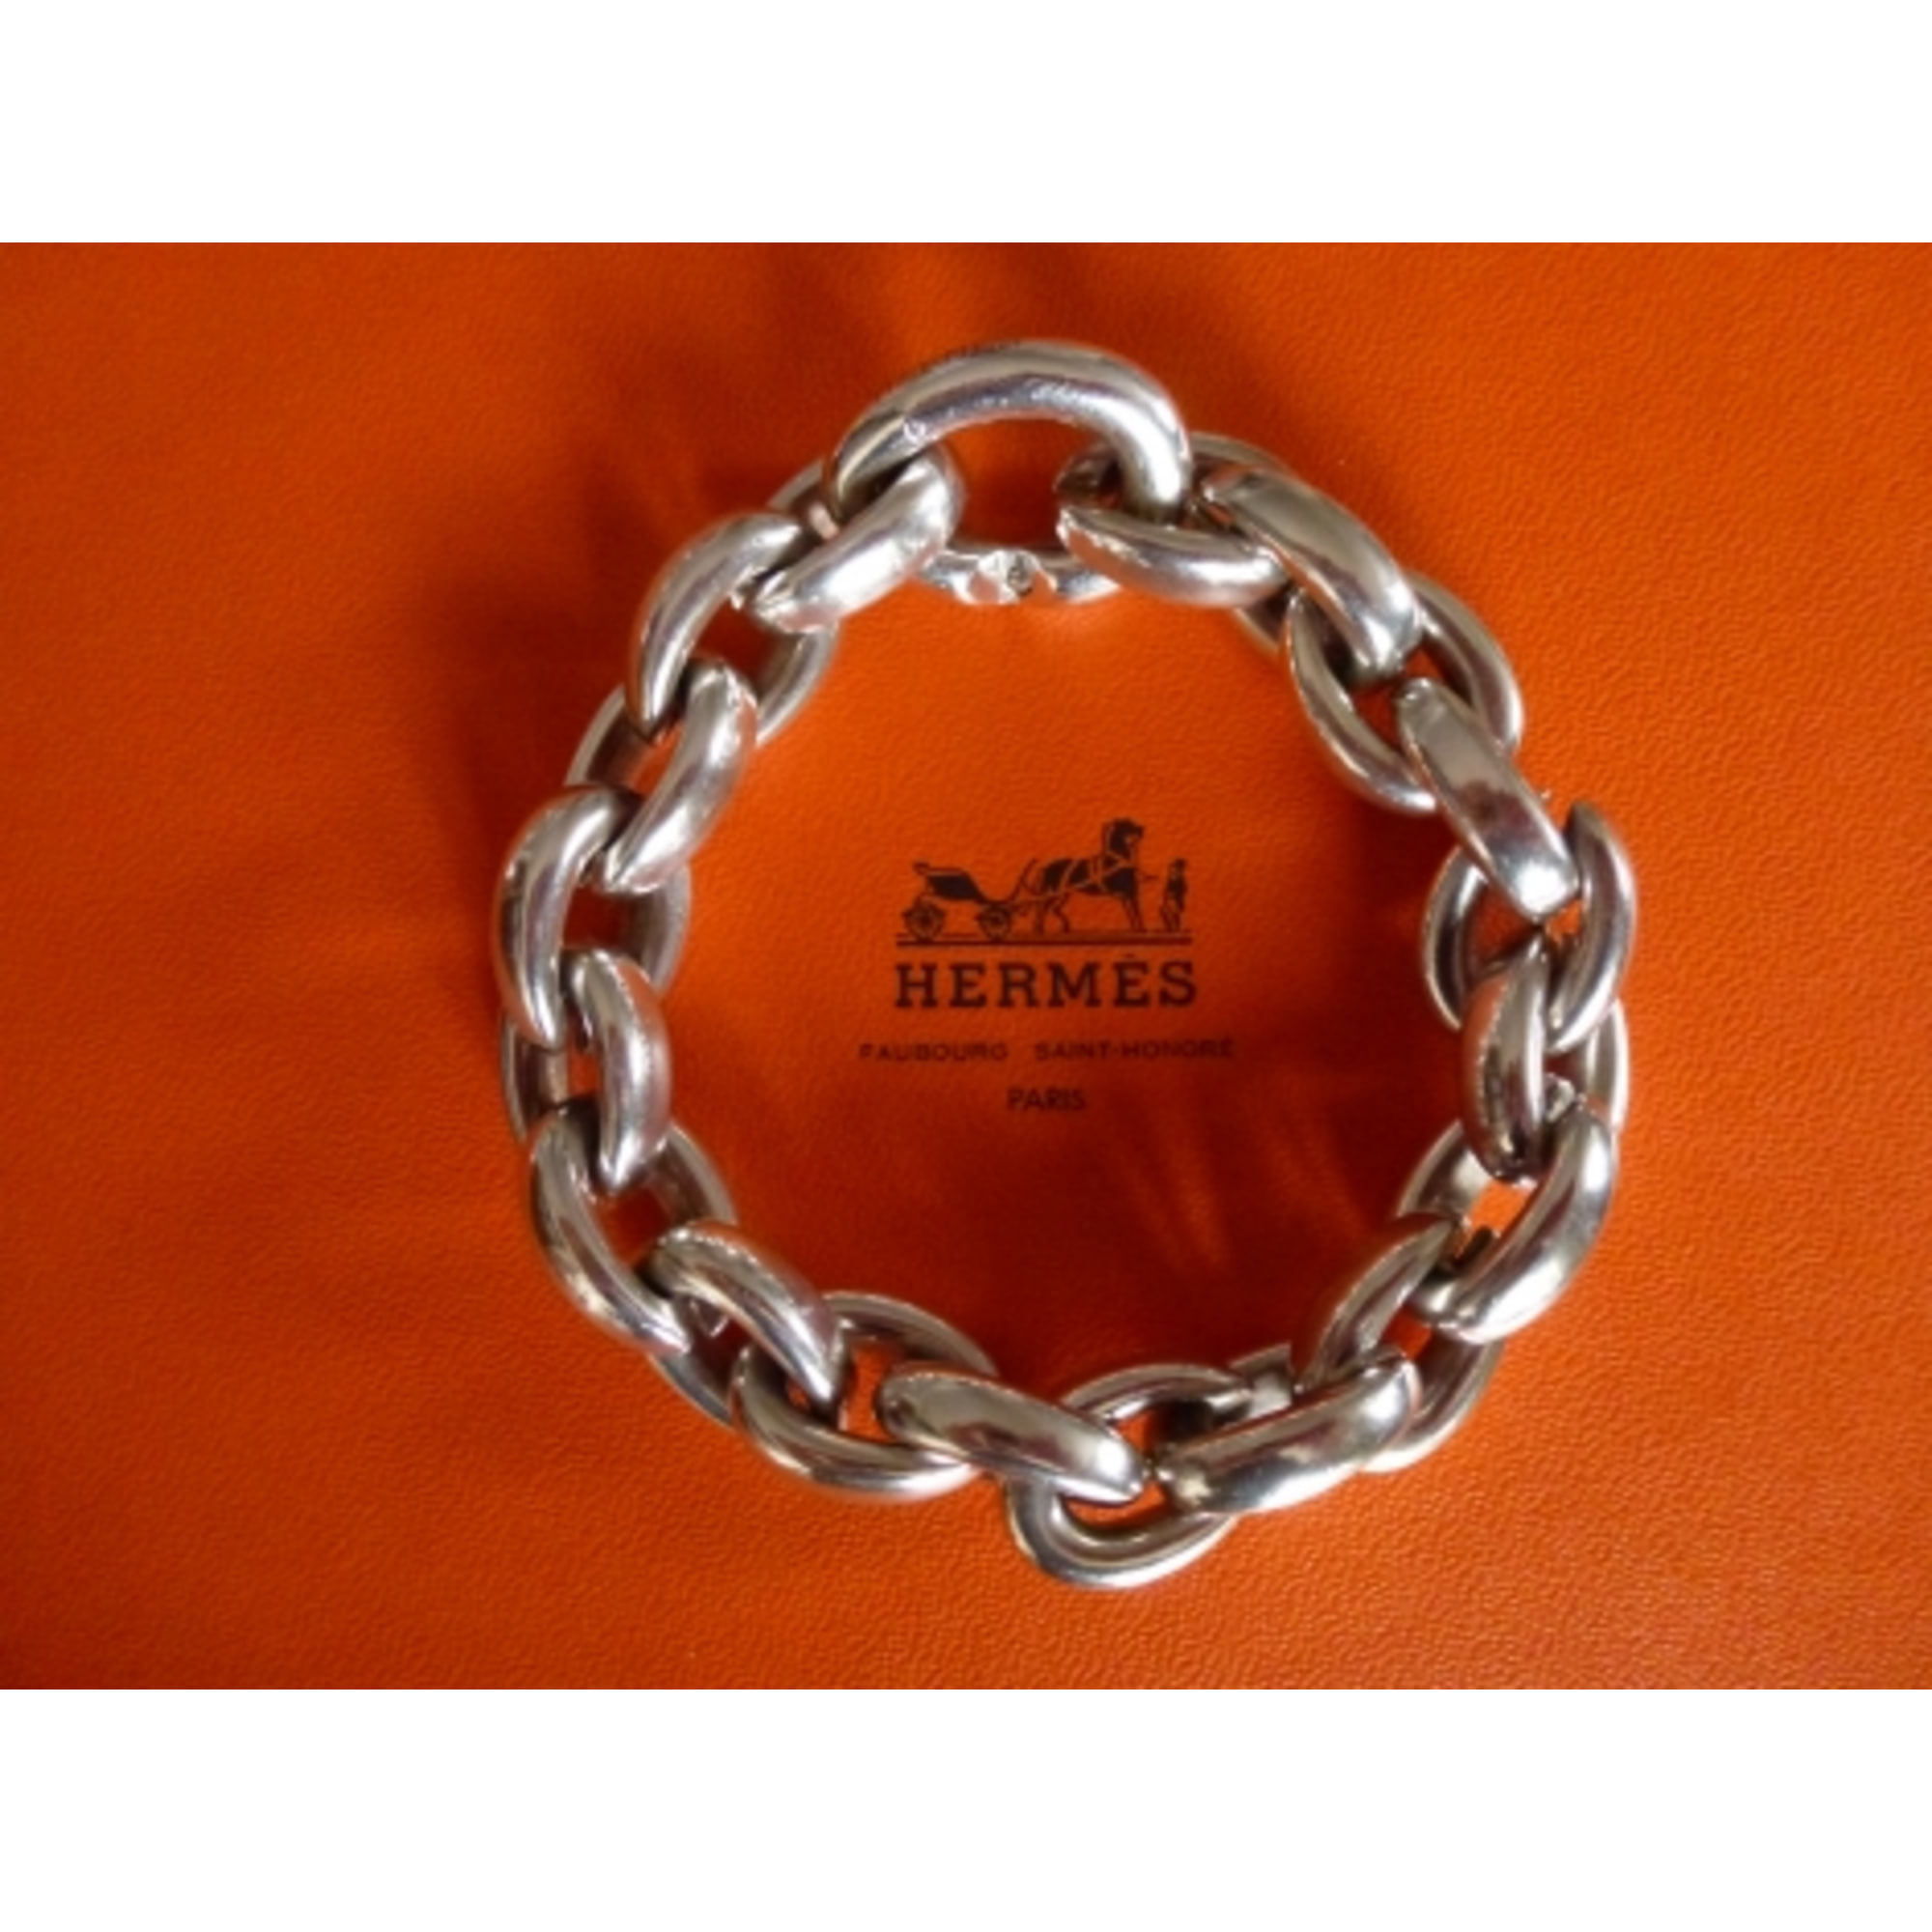 fd2017a0c8d Bracelet HERMÈS argenté vendu par Clementine 2357357 - 1058092